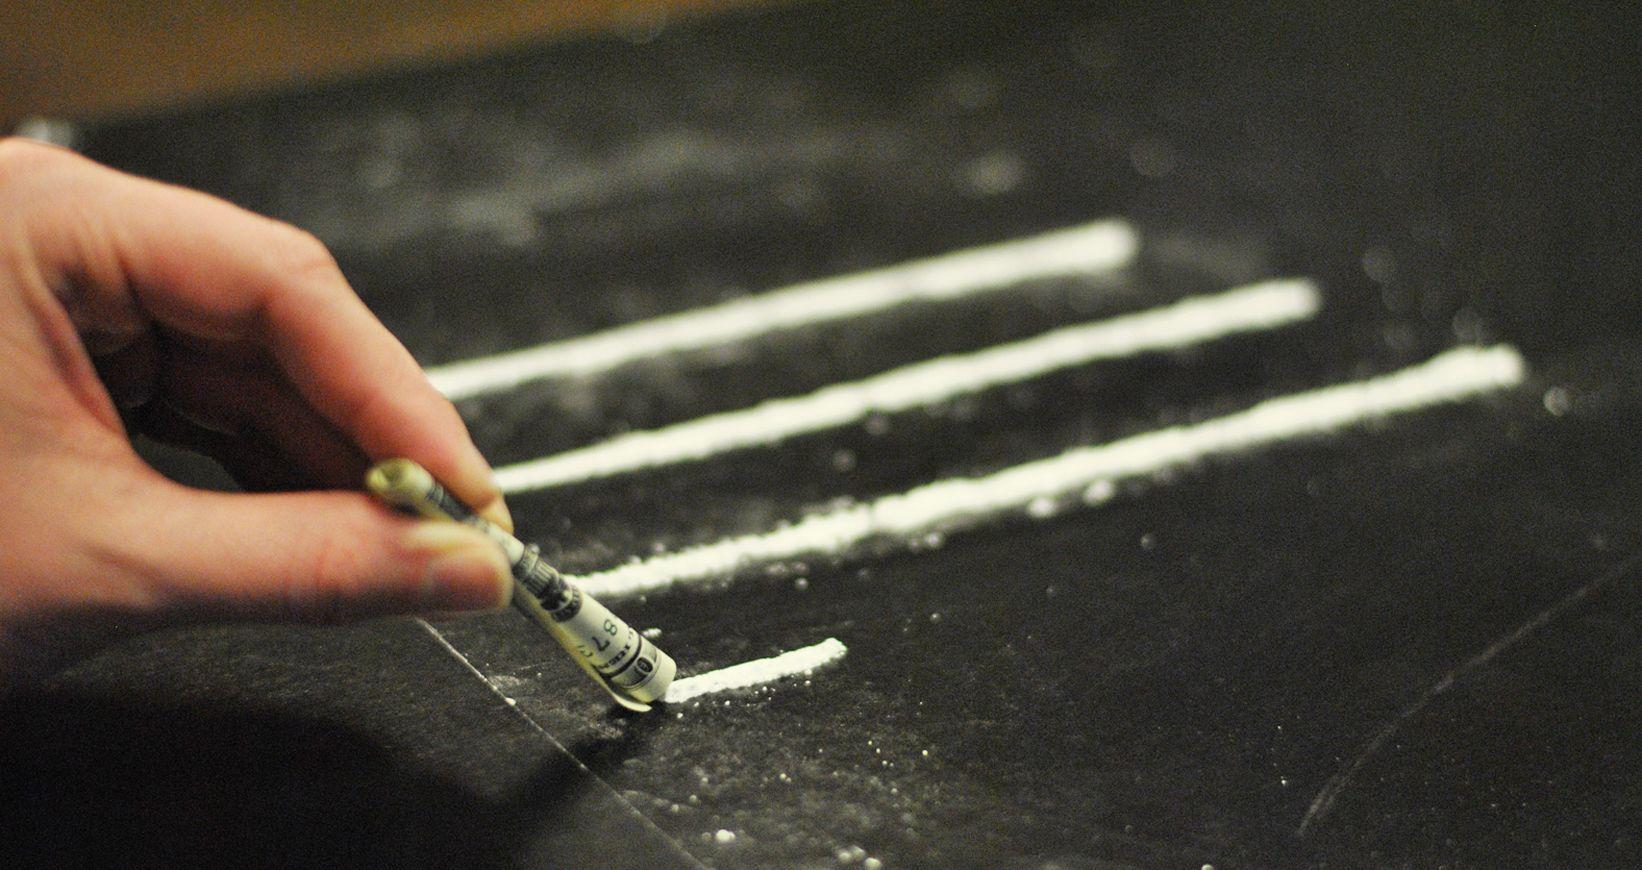 Lutte contre les stupéfiants : le plan antidrogue qui n'en était pas un